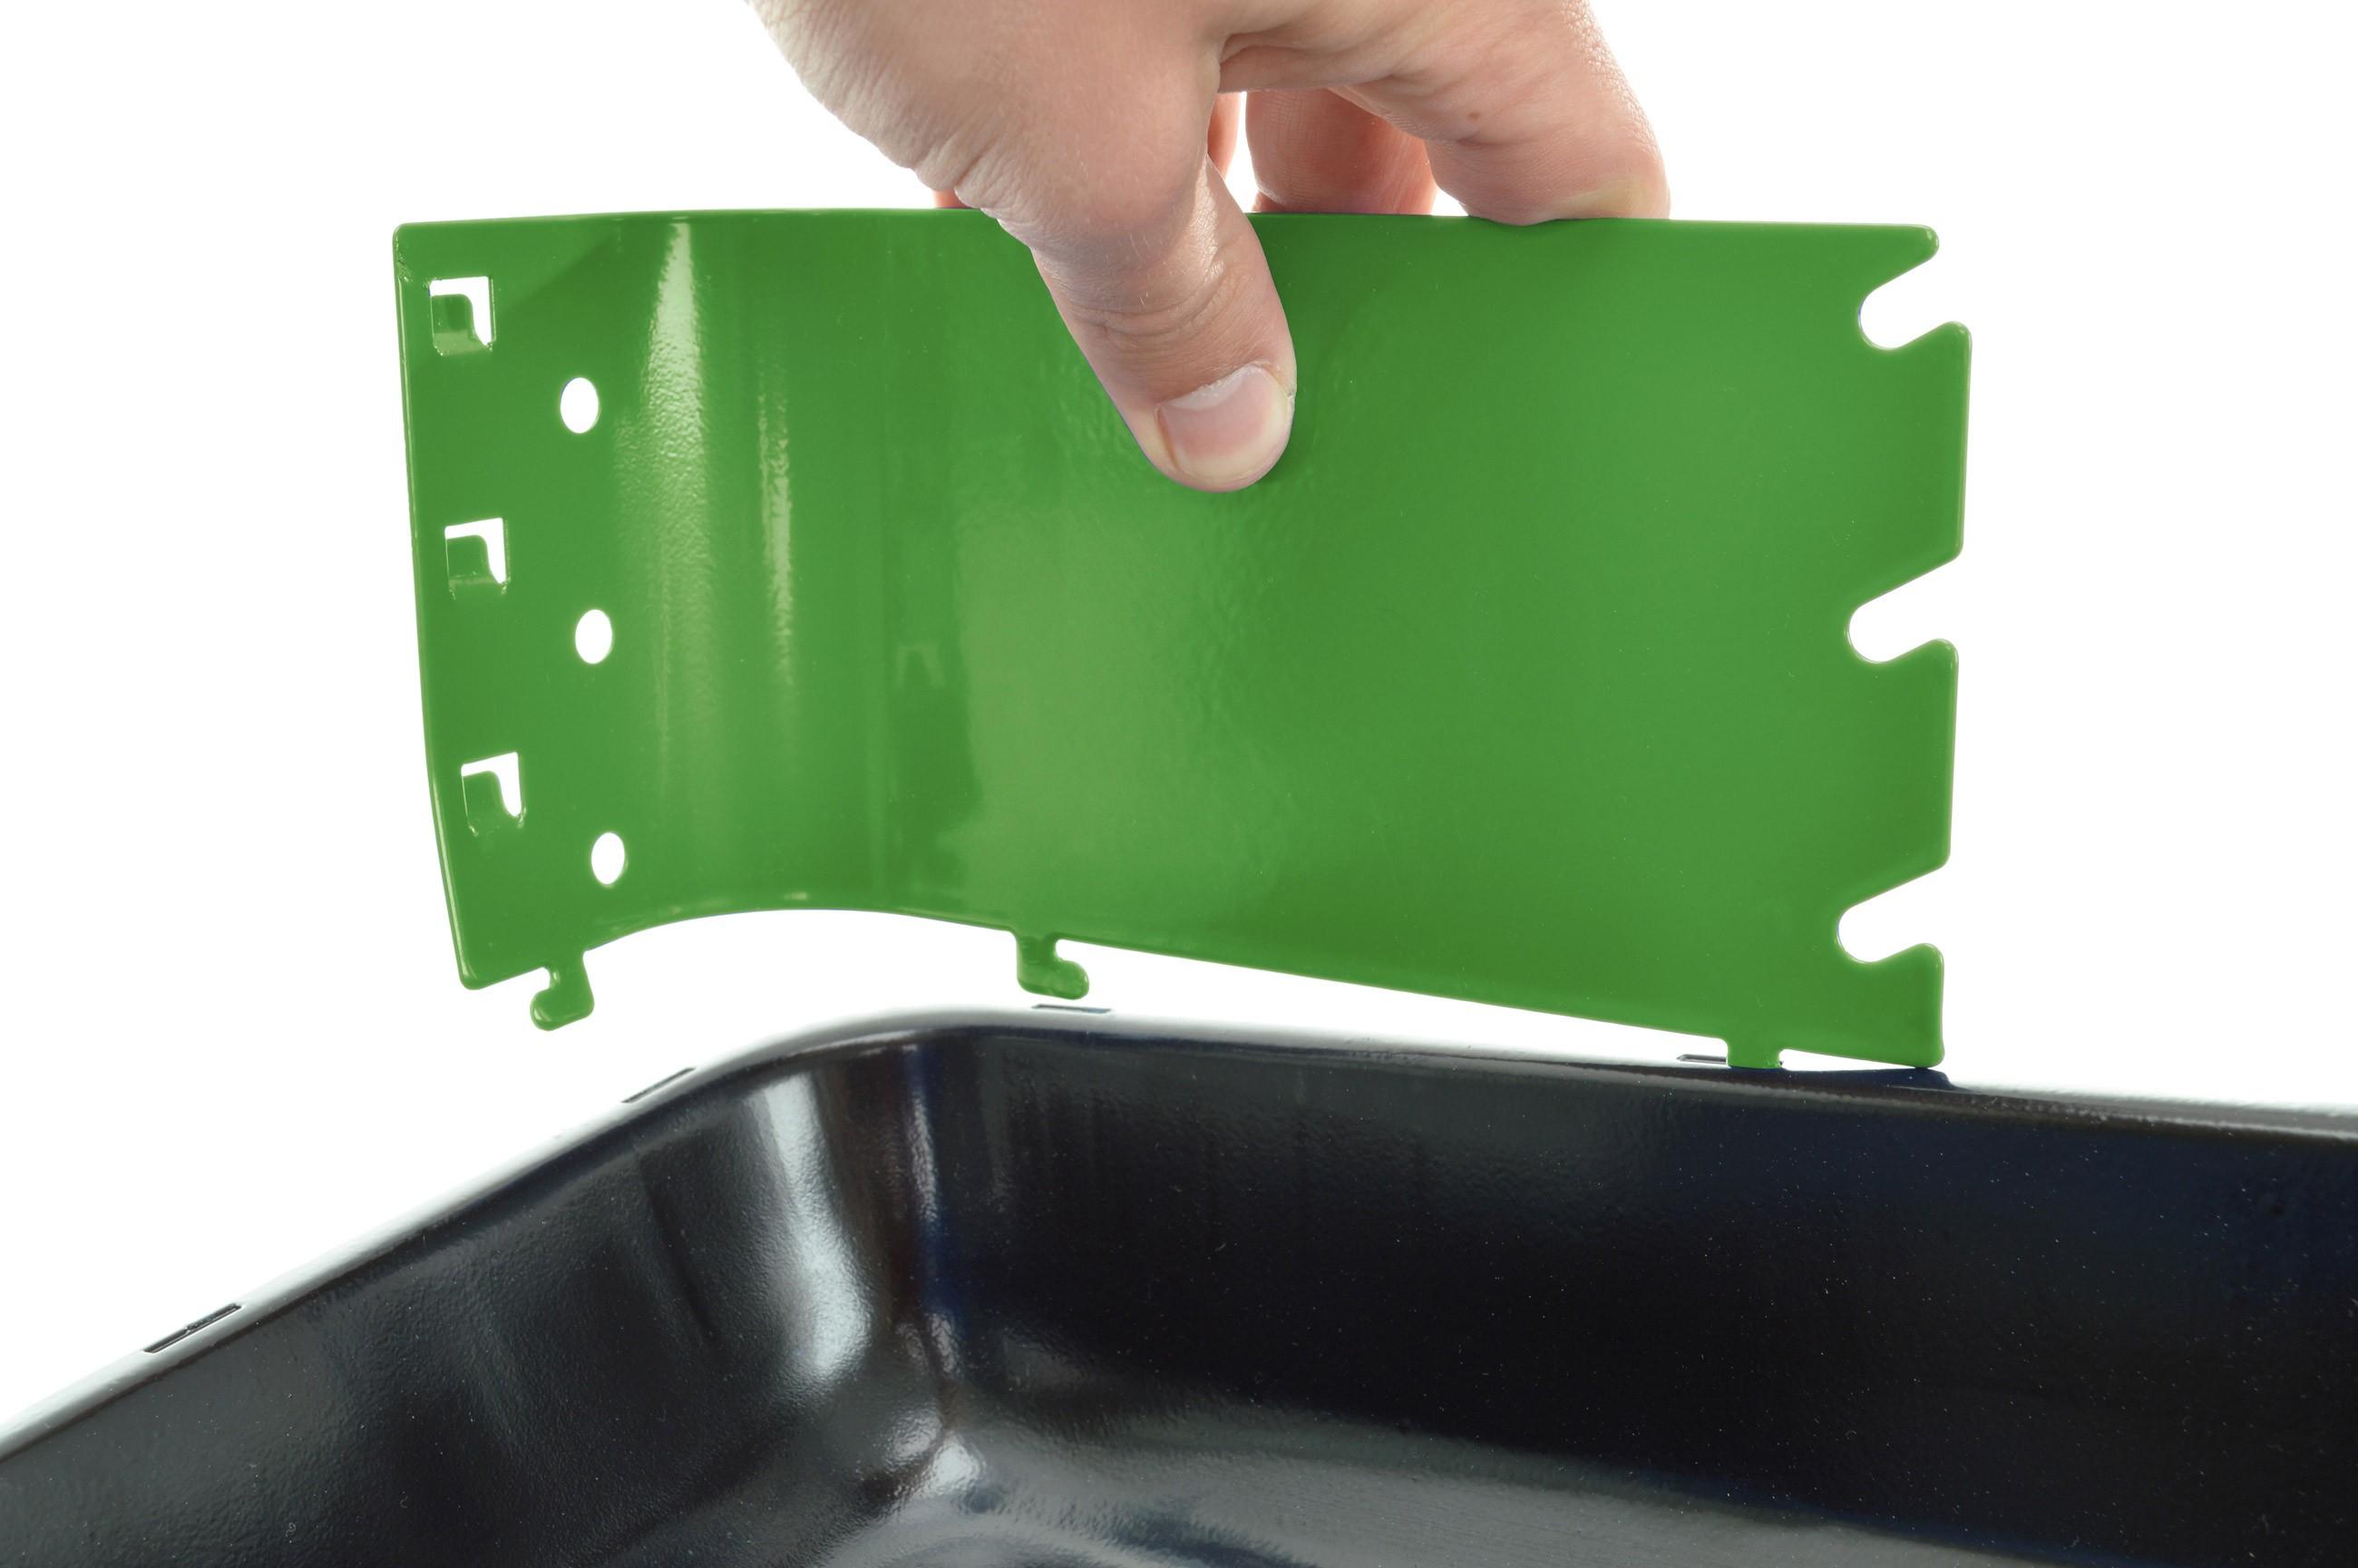 GRILL CHEF Holzkohlegrill PortaGo grün 33x26cm 11525 Bild 3